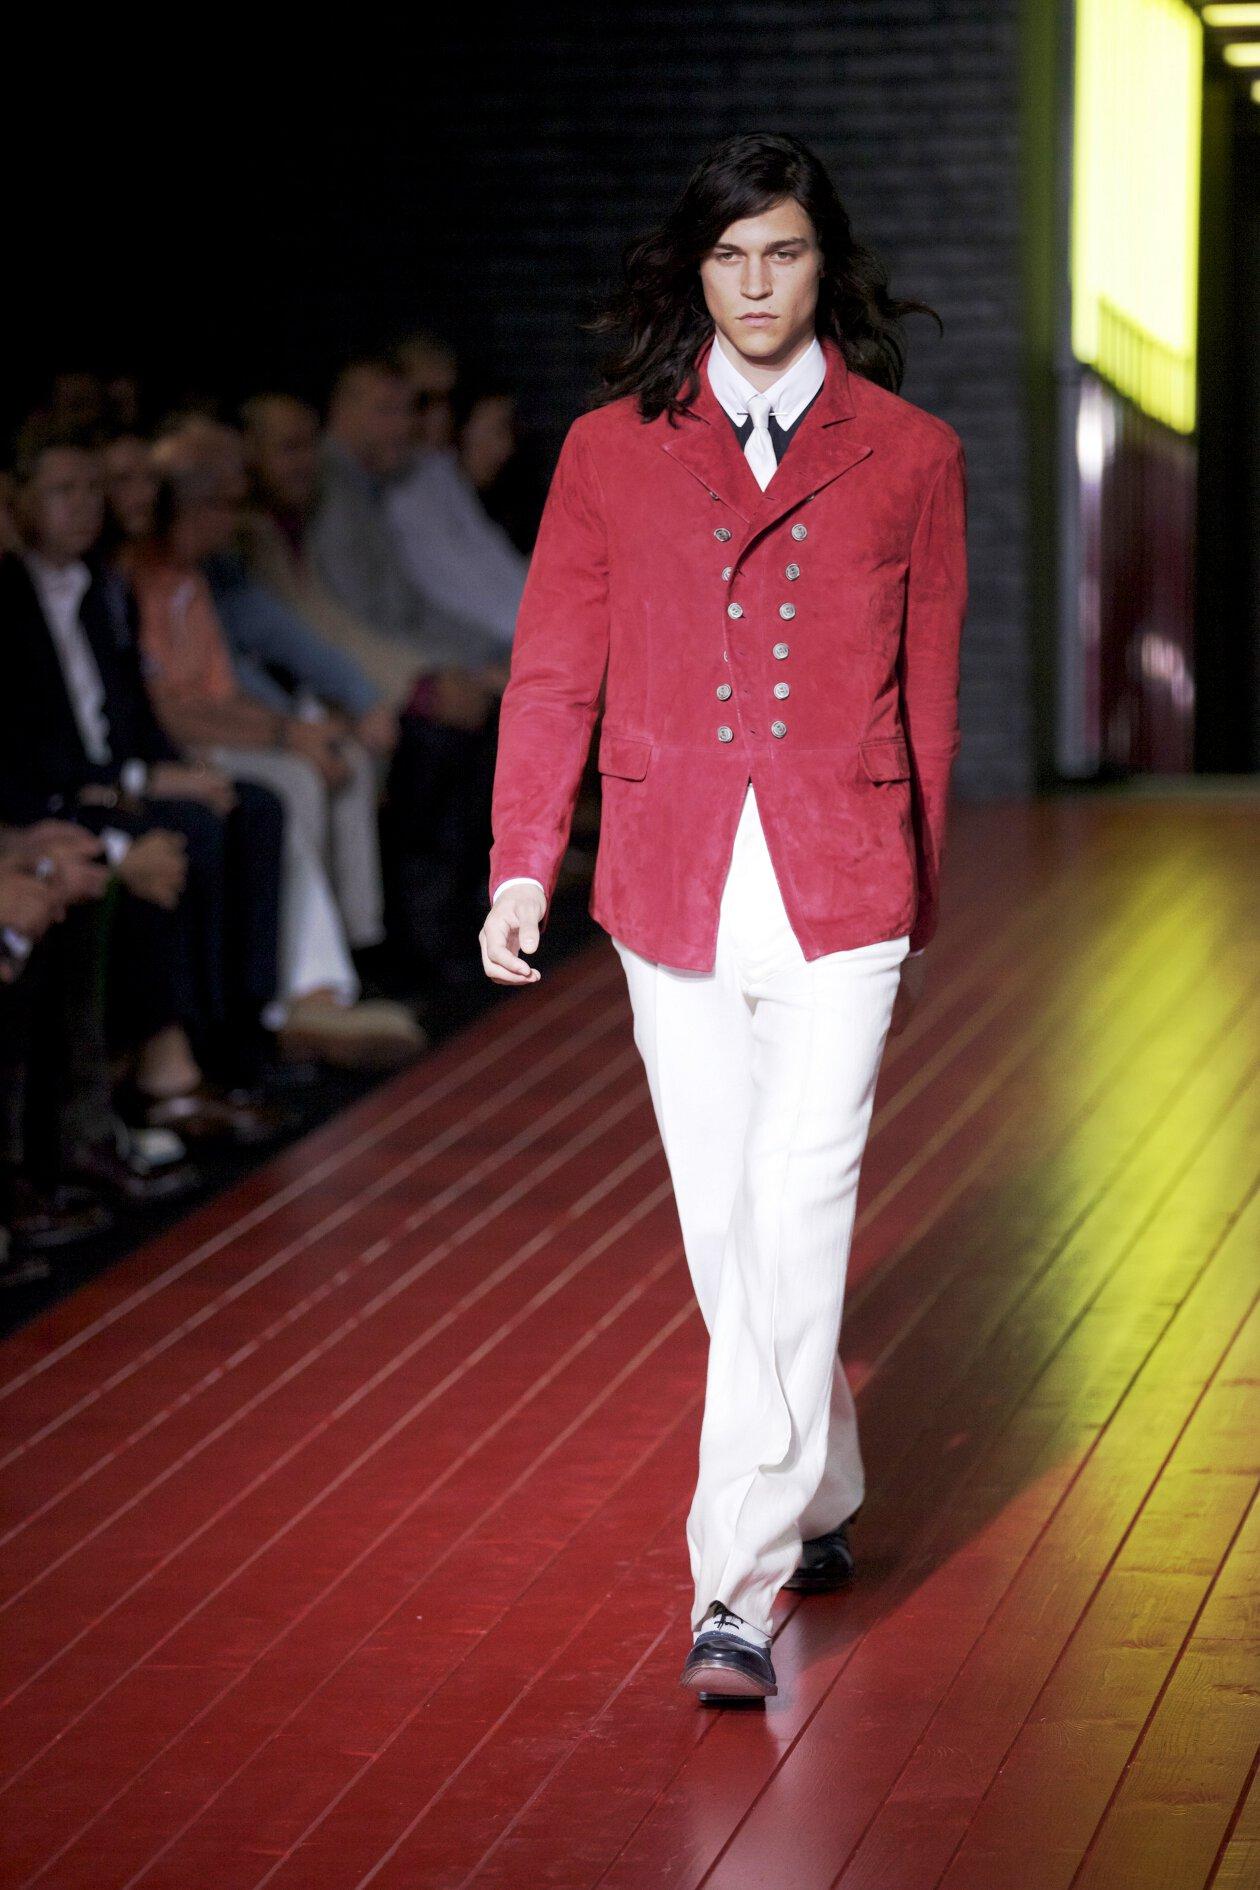 John Varvatos Spring Summer 2013 Menswear Collection Milano Fashion Week